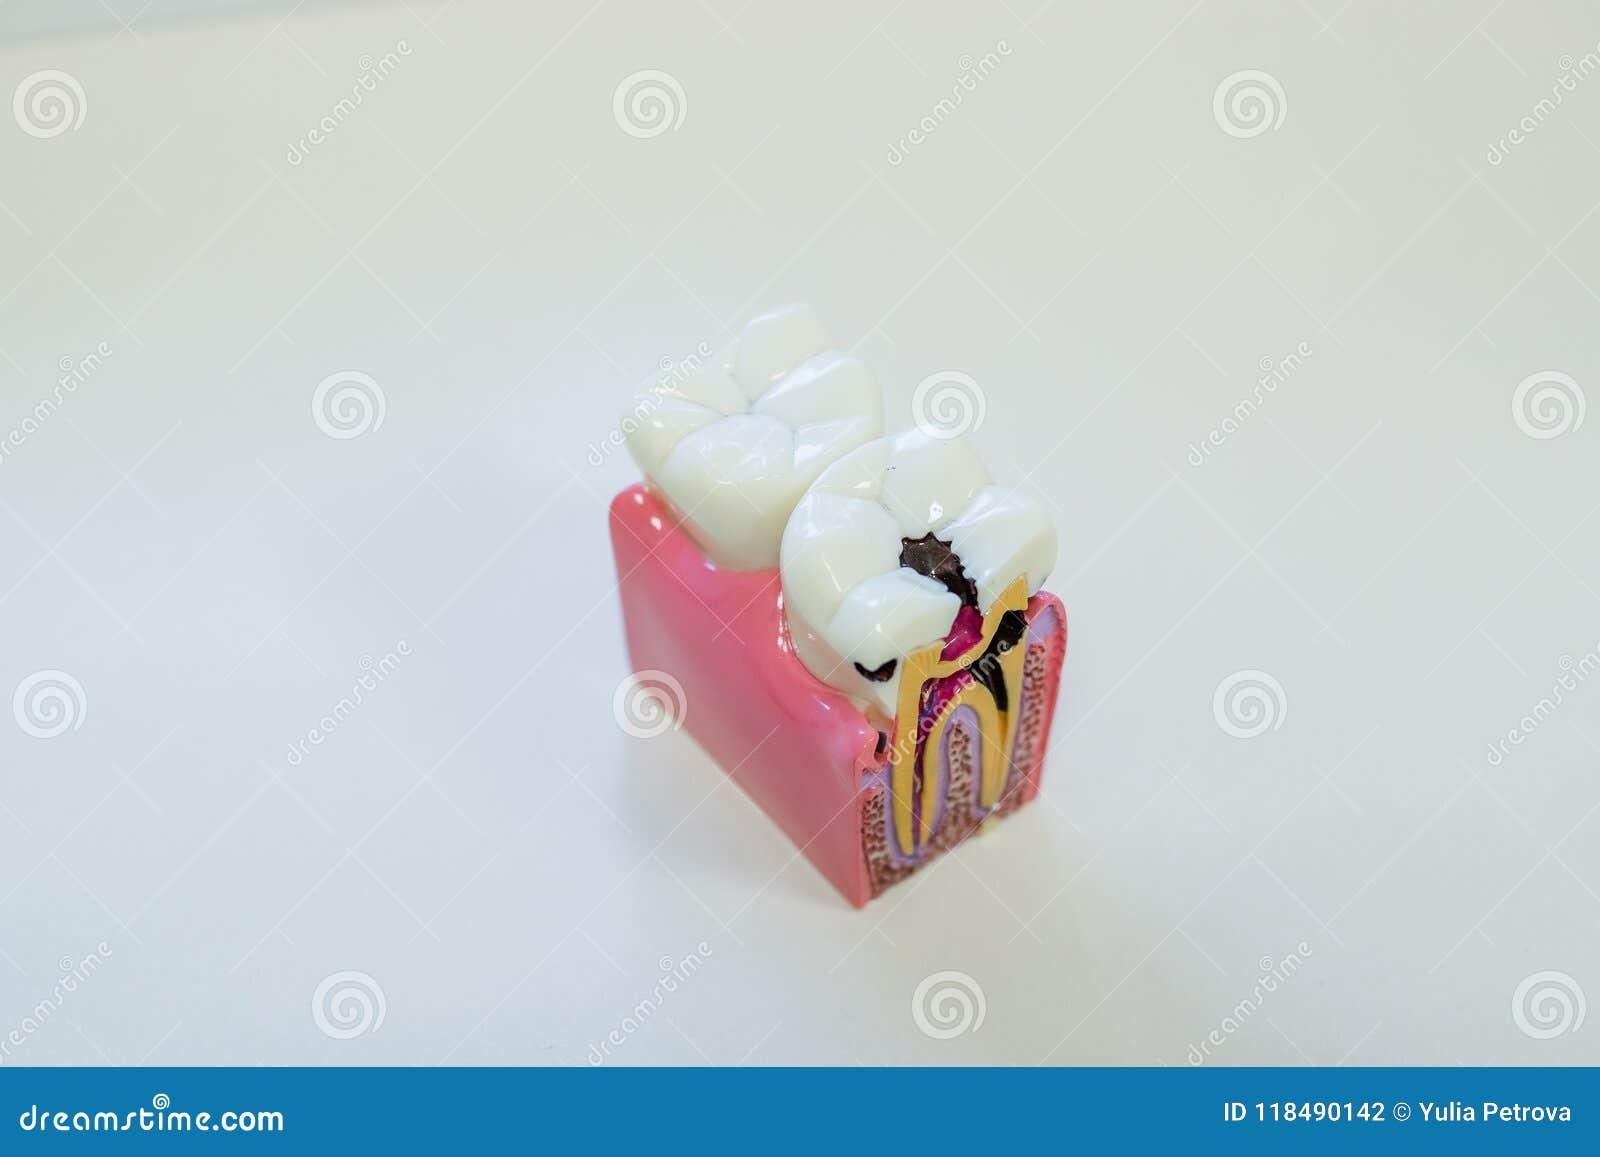 Allgemeine zahnmedizinische Krankheit des zahnmedizinischen Modellgeschenkes wie Karies, Weisheitszahn Mundgesundheit Zahnmodell